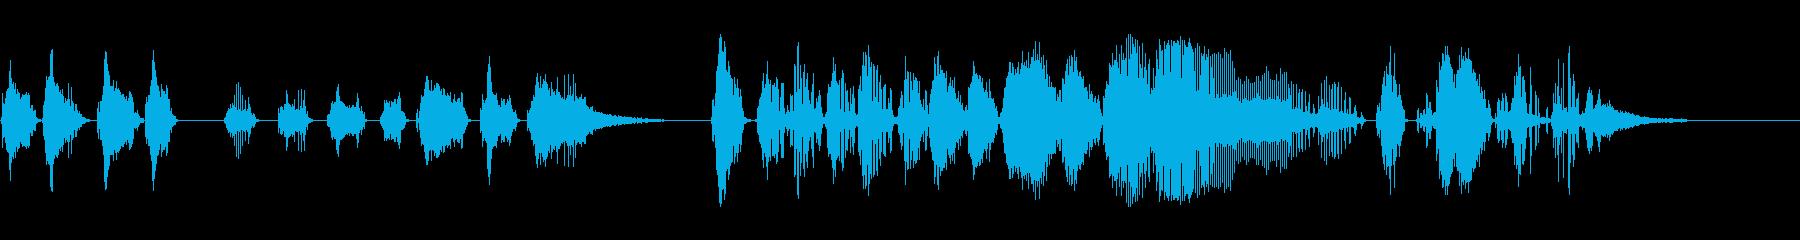 ドリル、電気ドリル、さまざまなショ...の再生済みの波形